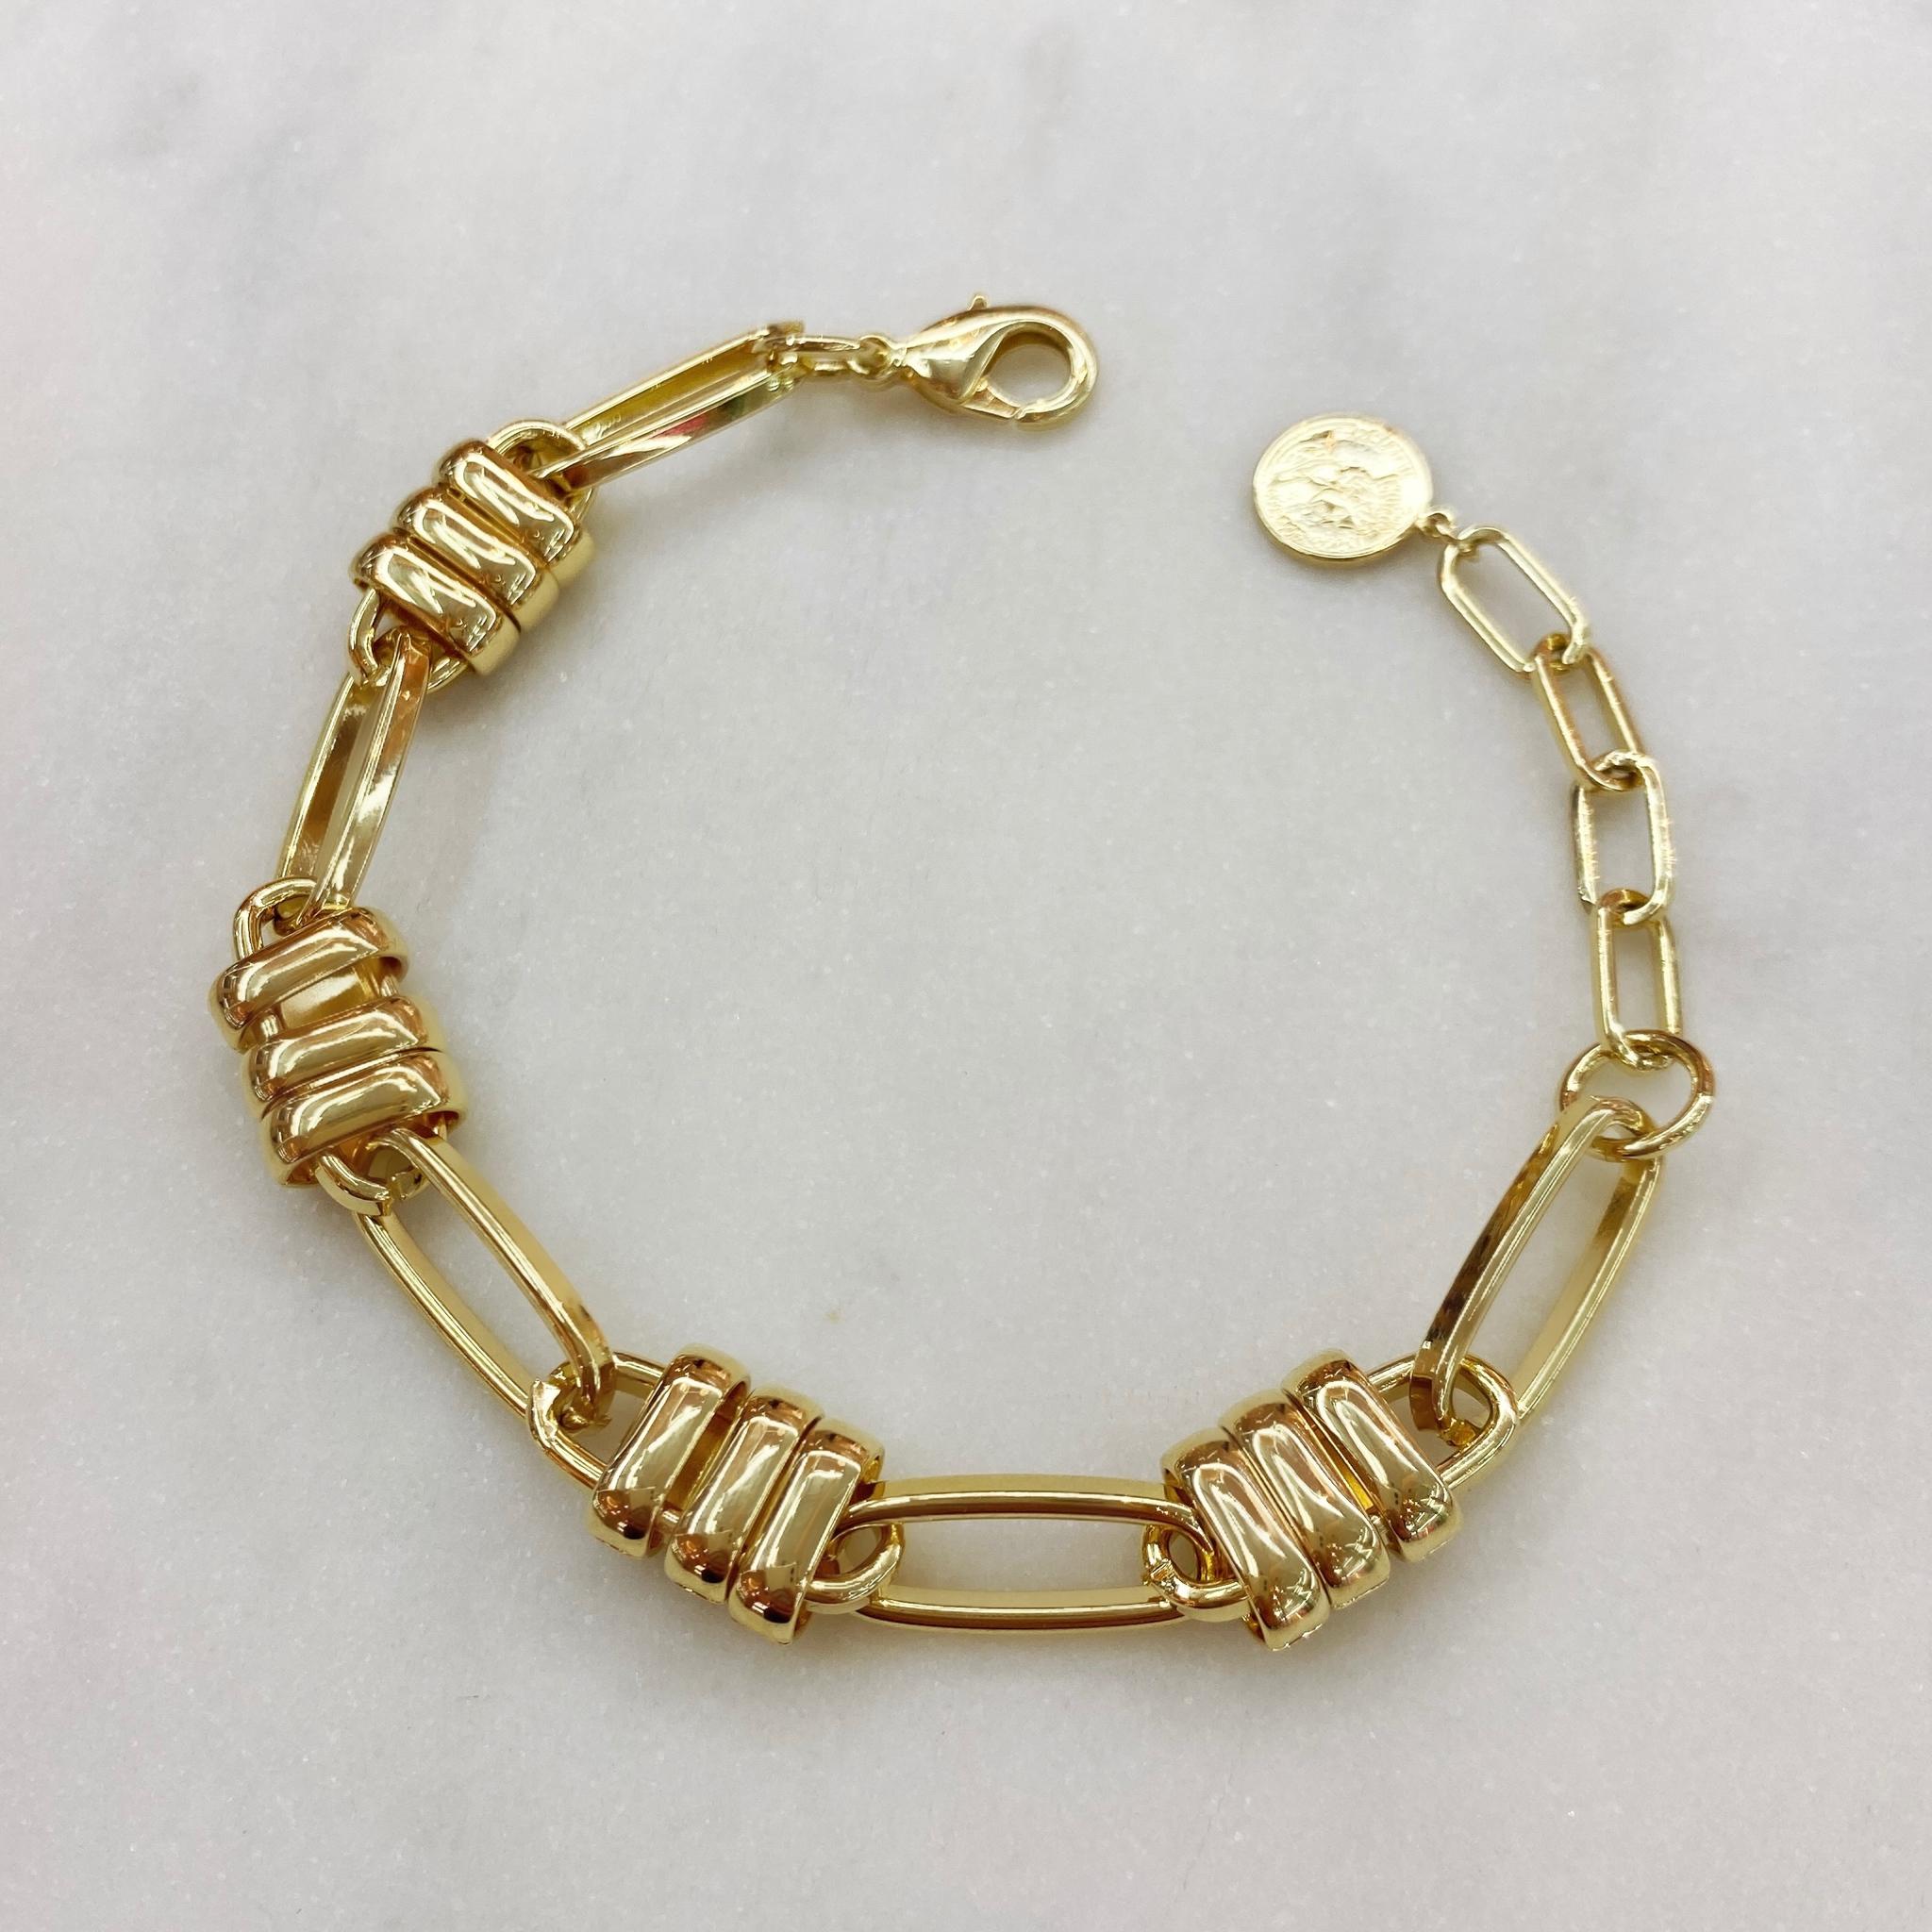 Браслет-цепочка со стилизованными замками (золотистый)